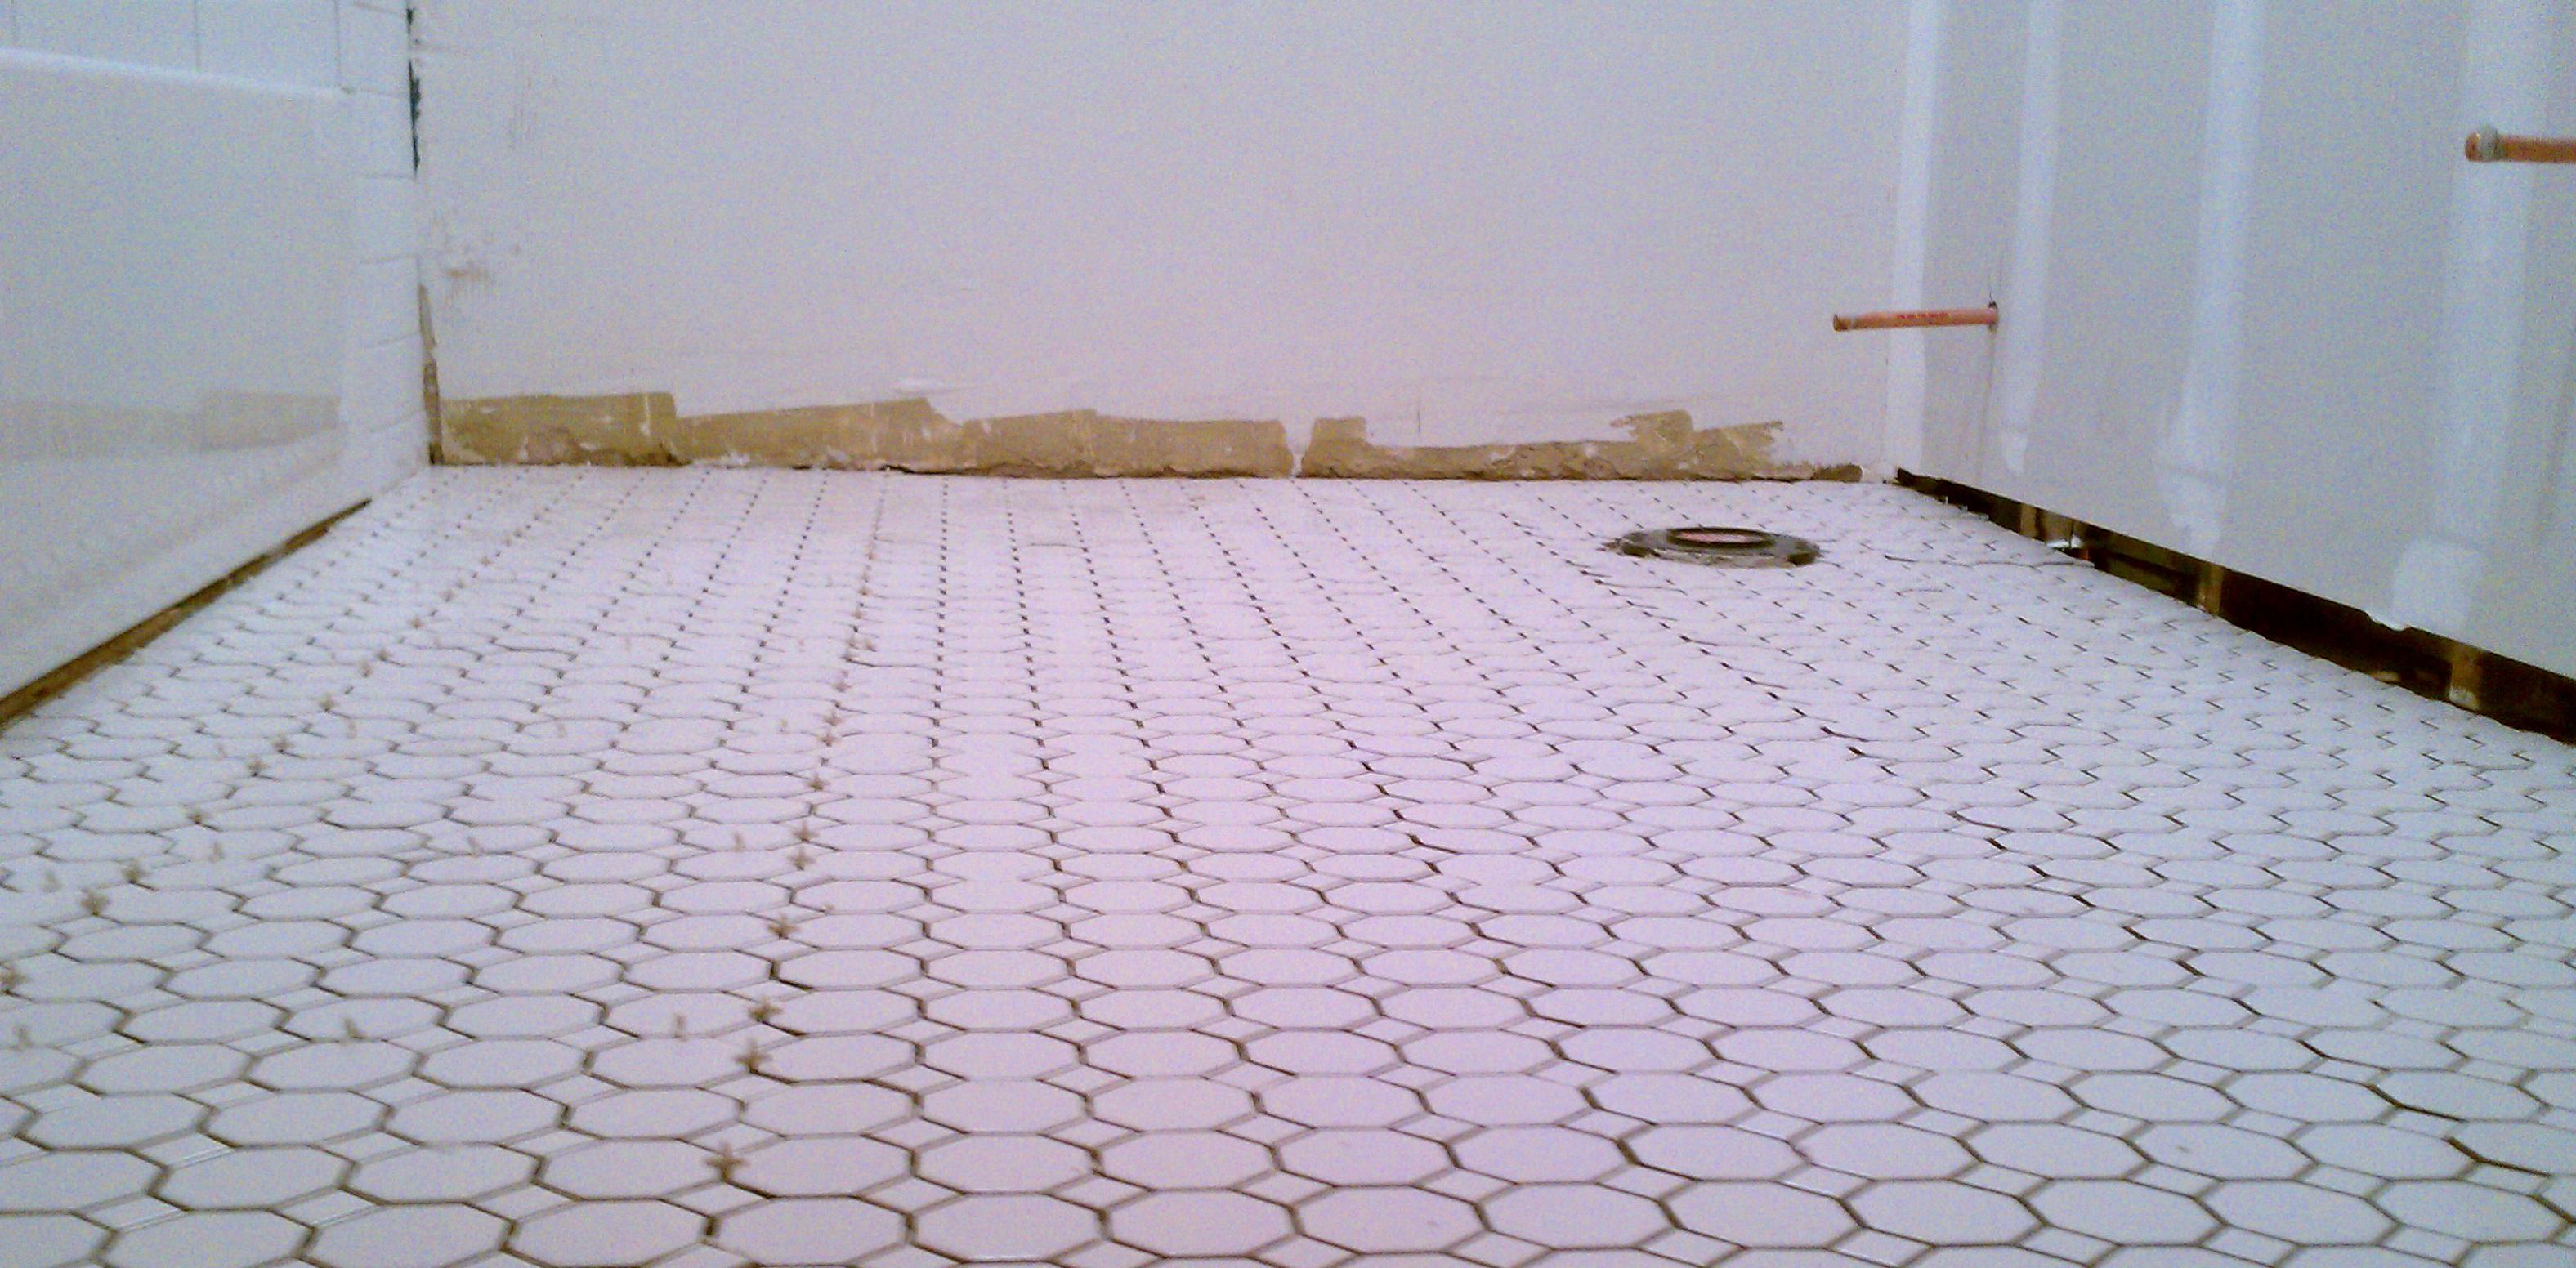 How do i tile my bathroom floor bathroom floors replacing your own bathroom tile yahoo voices voicesyahoo doublecrazyfo Images